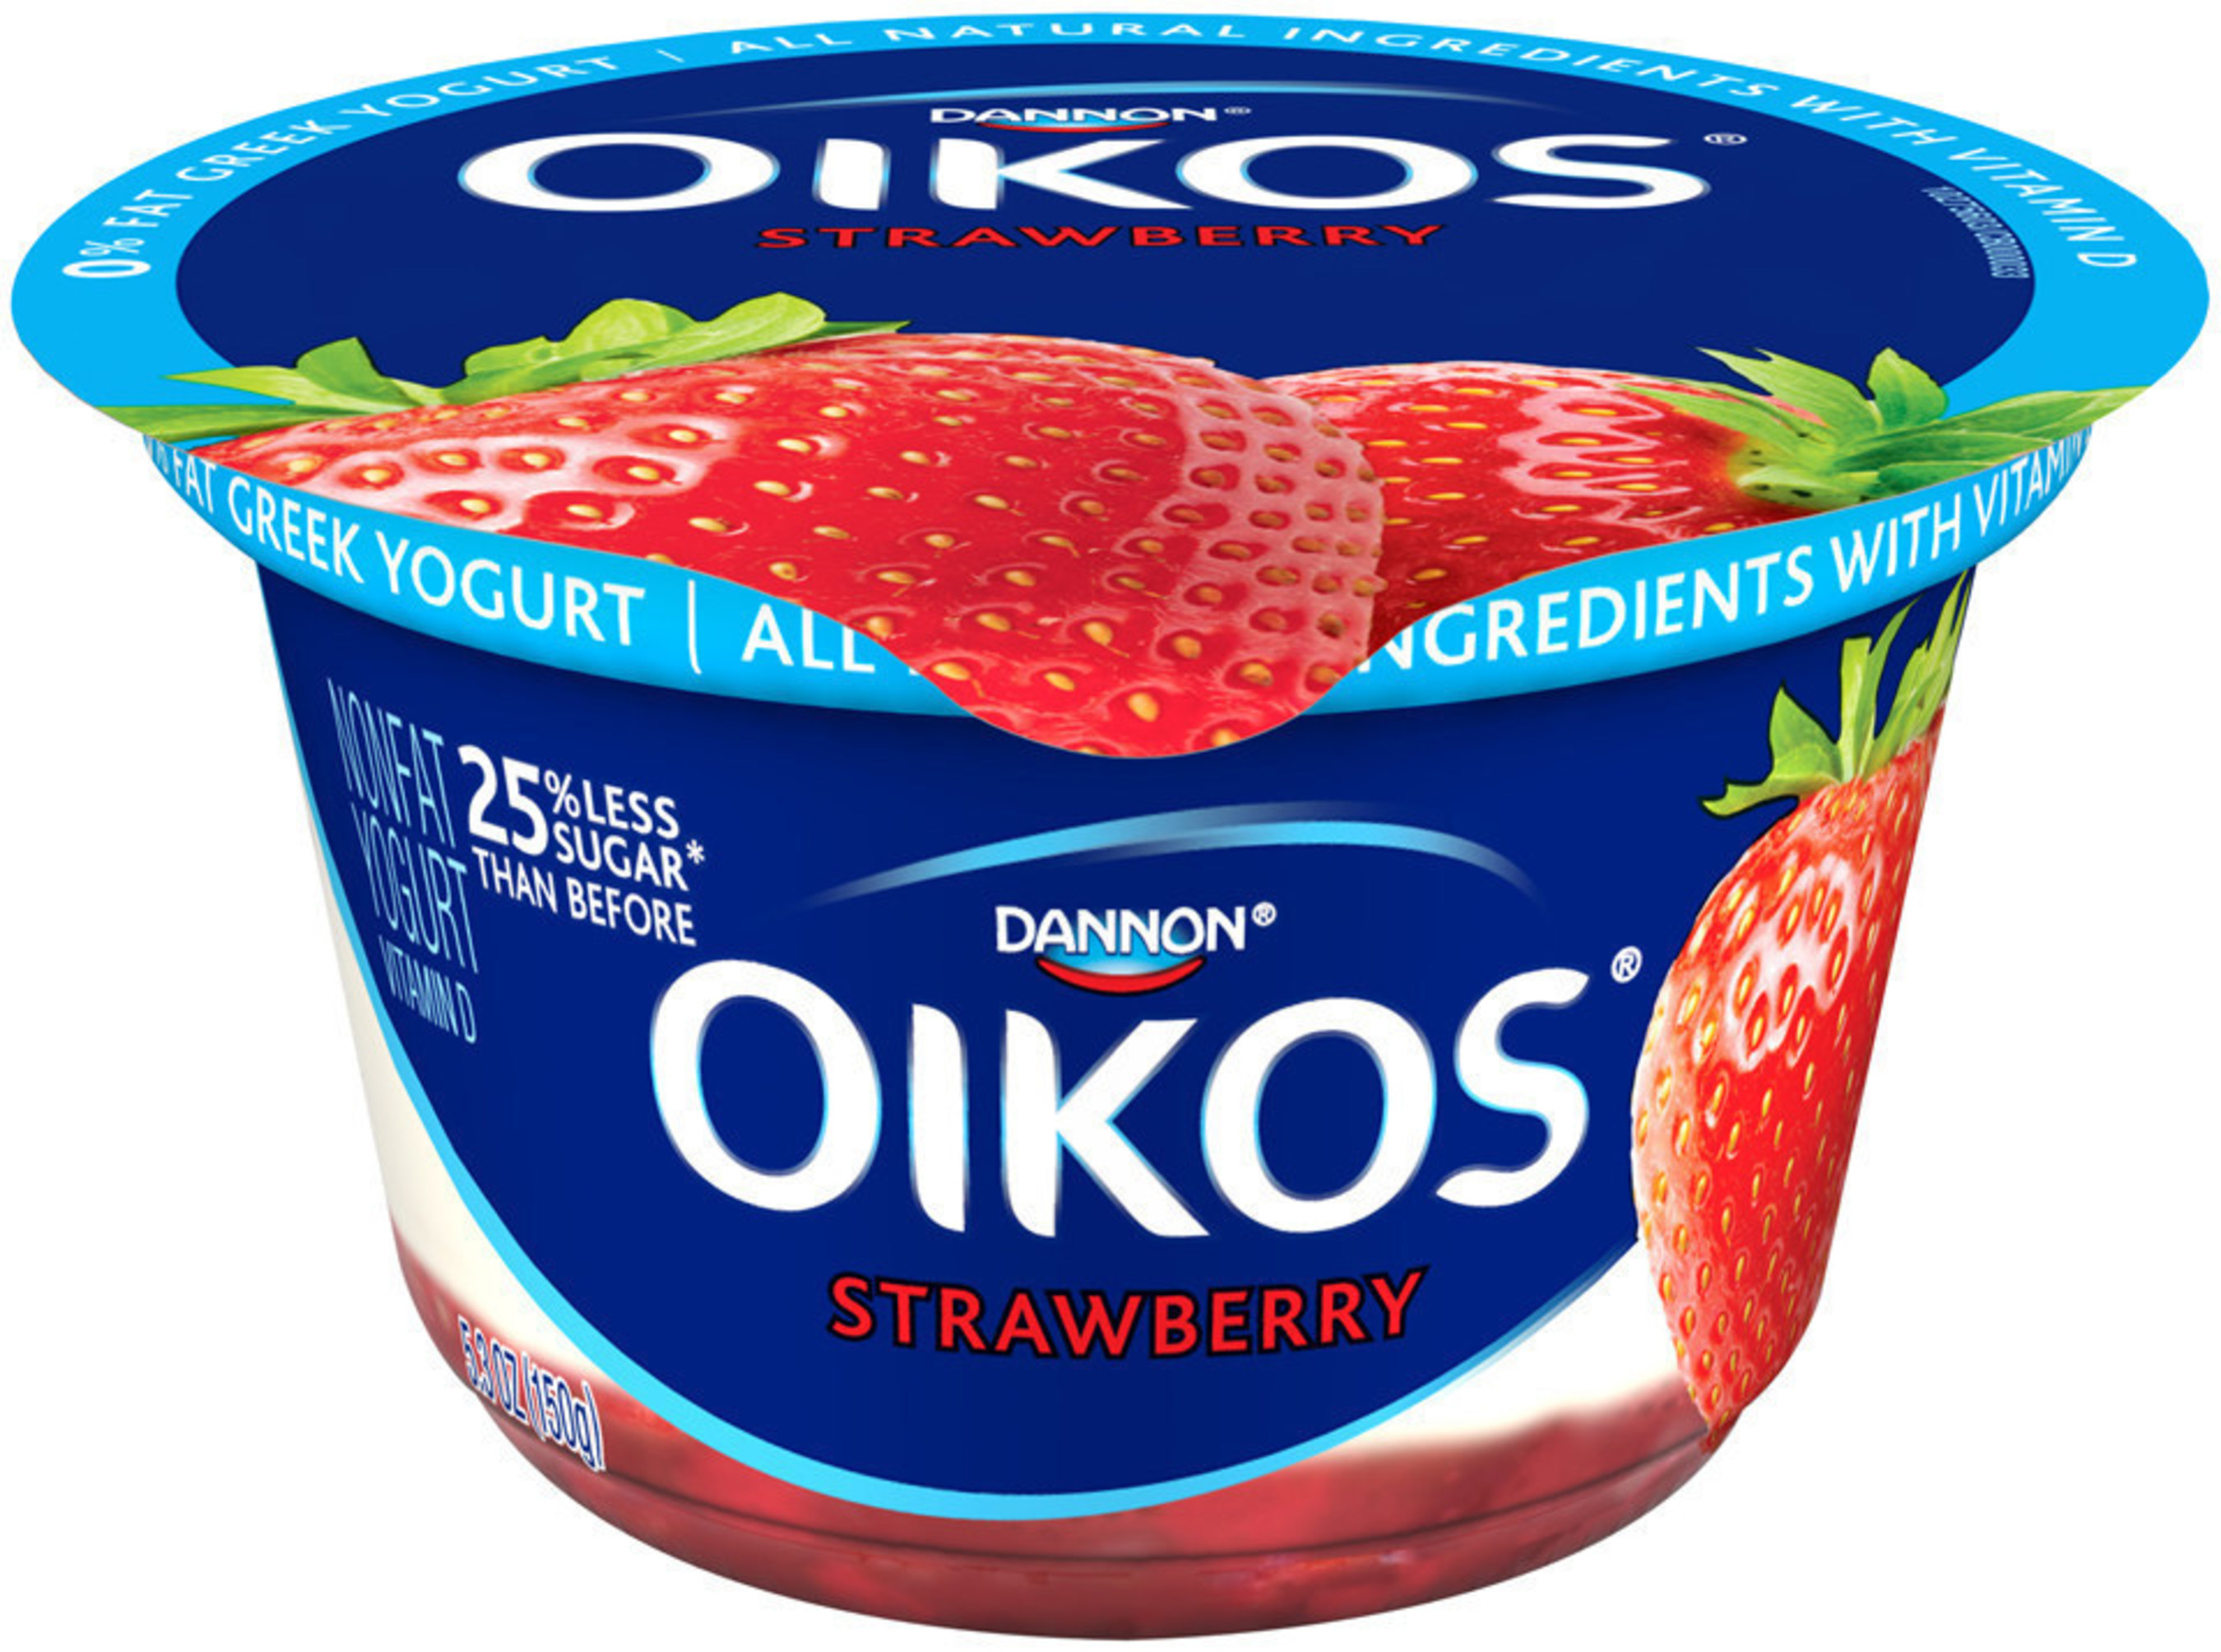 Dannon_Oikos_Strawberry